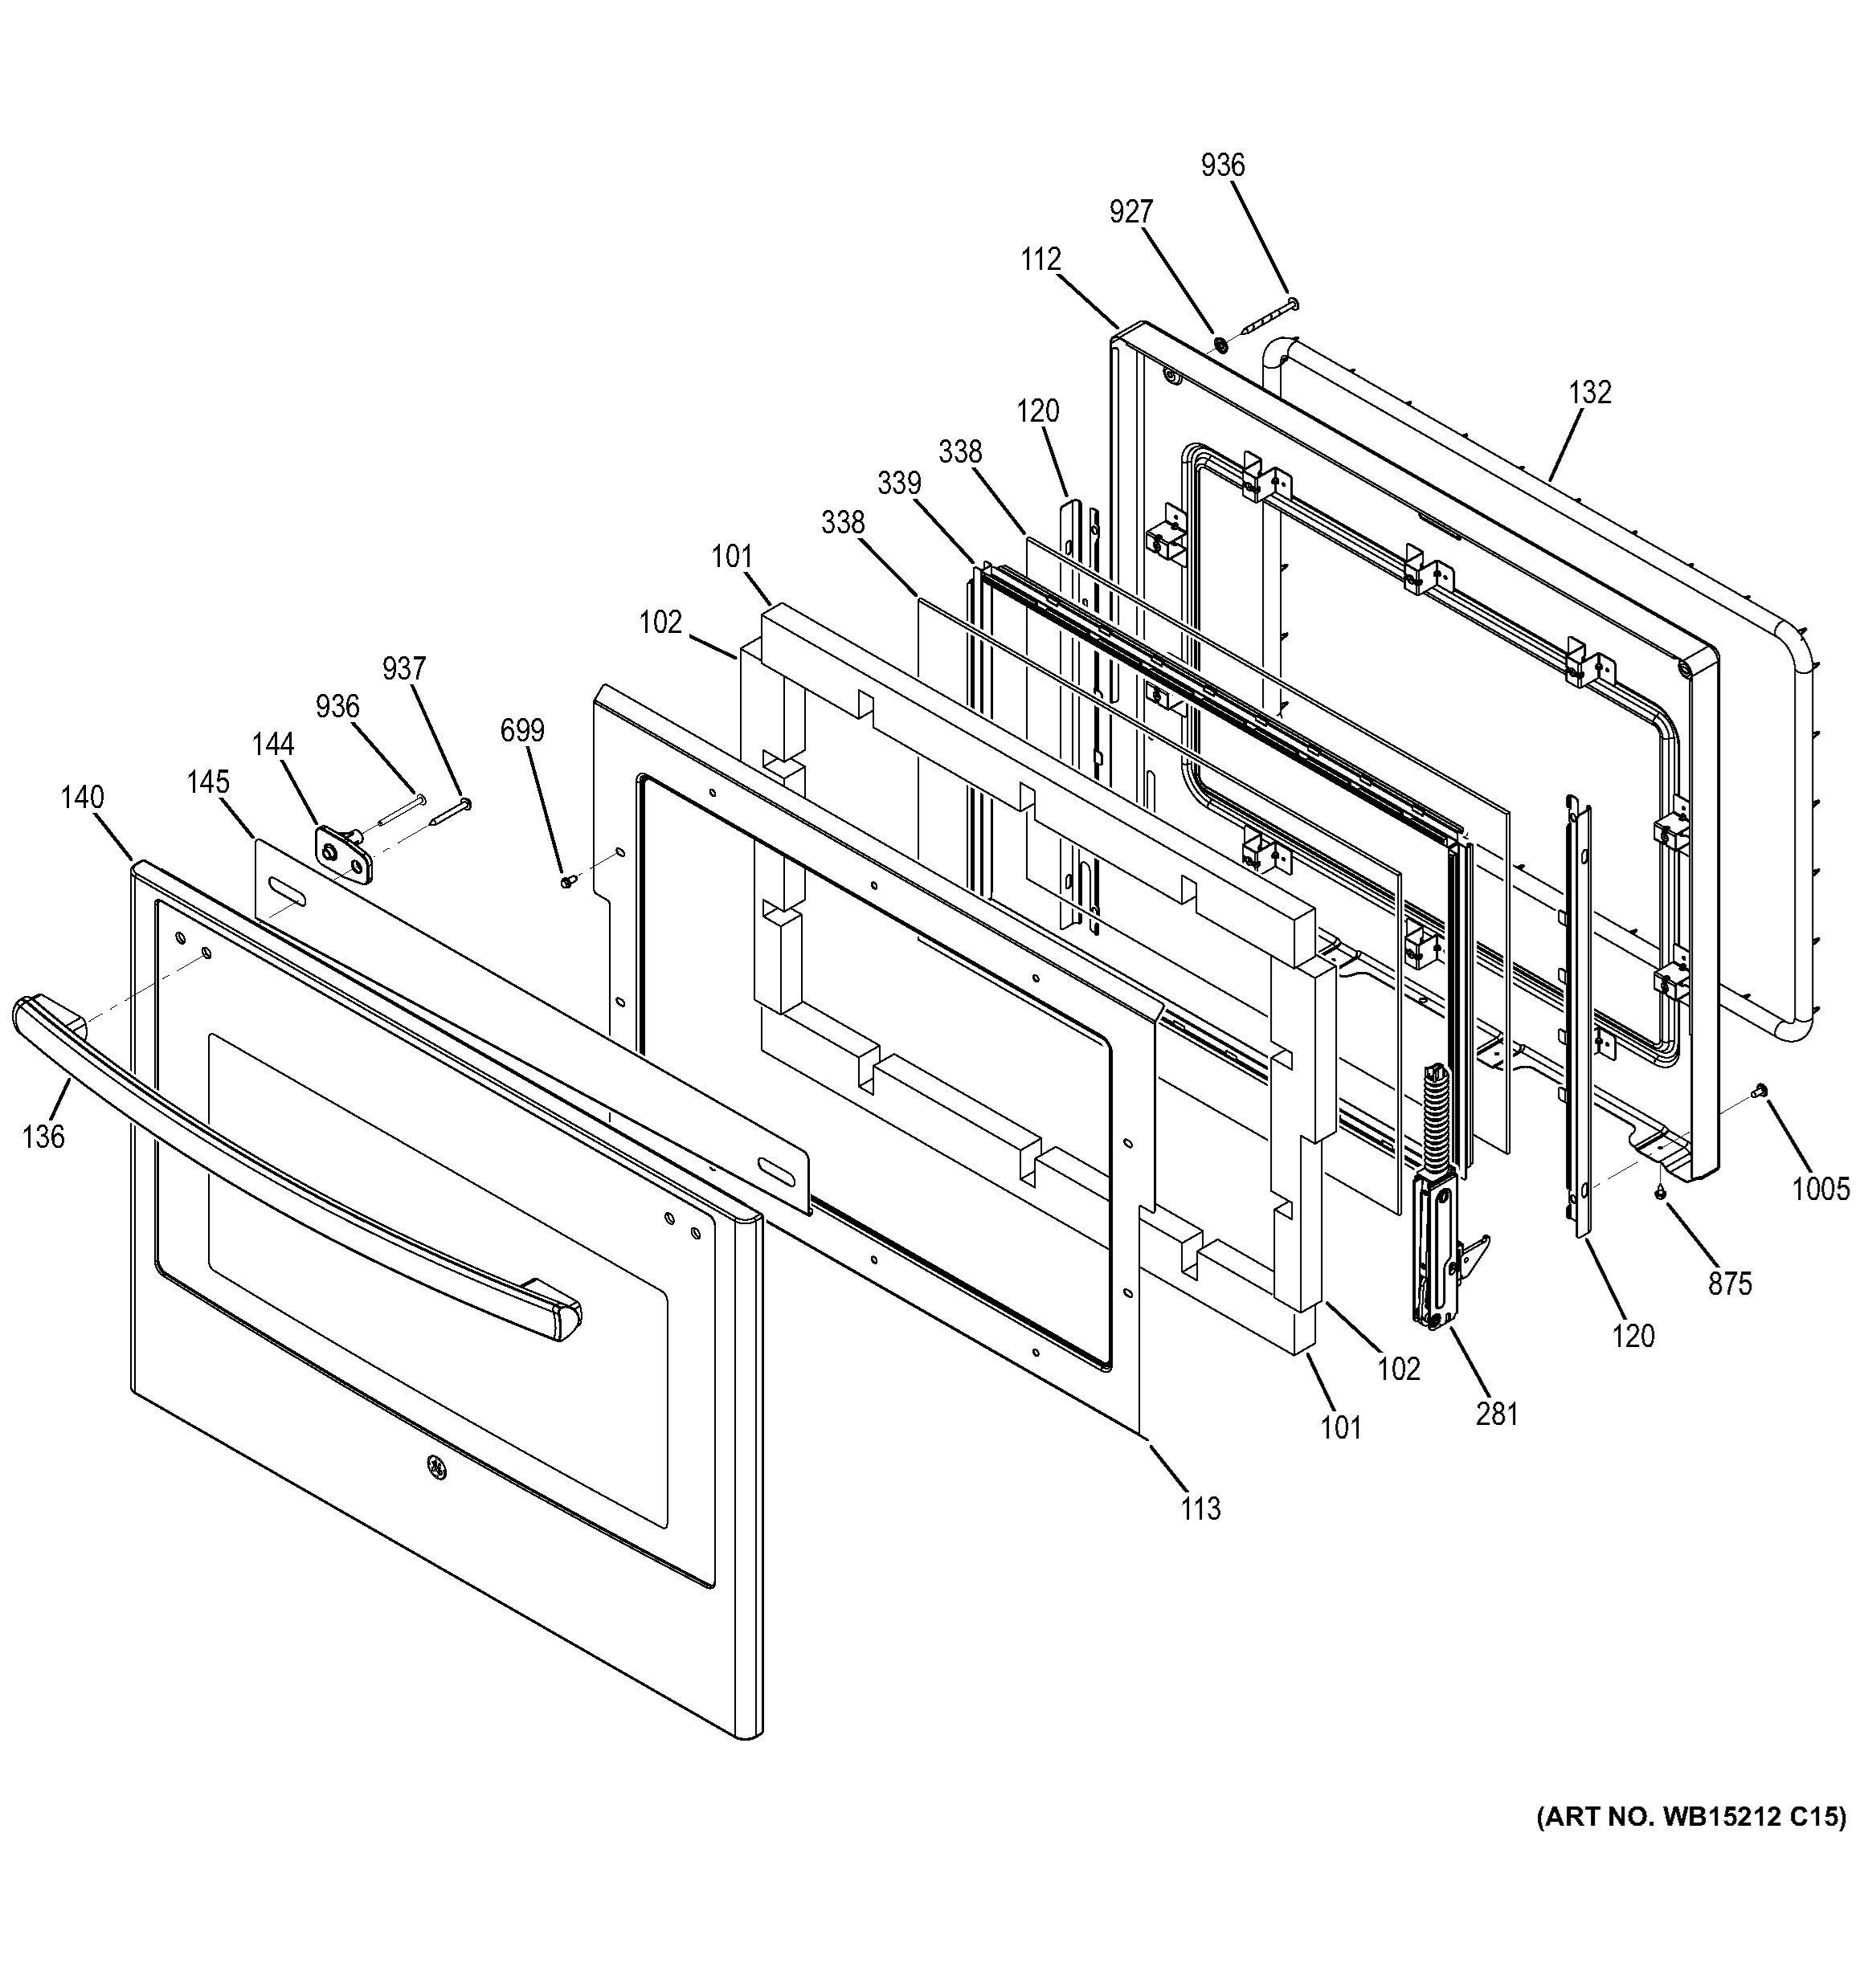 Delta 12 Wire Motor WiringWireWiring Diagram Images Database – Ite Motor Starter Wiring Diagram